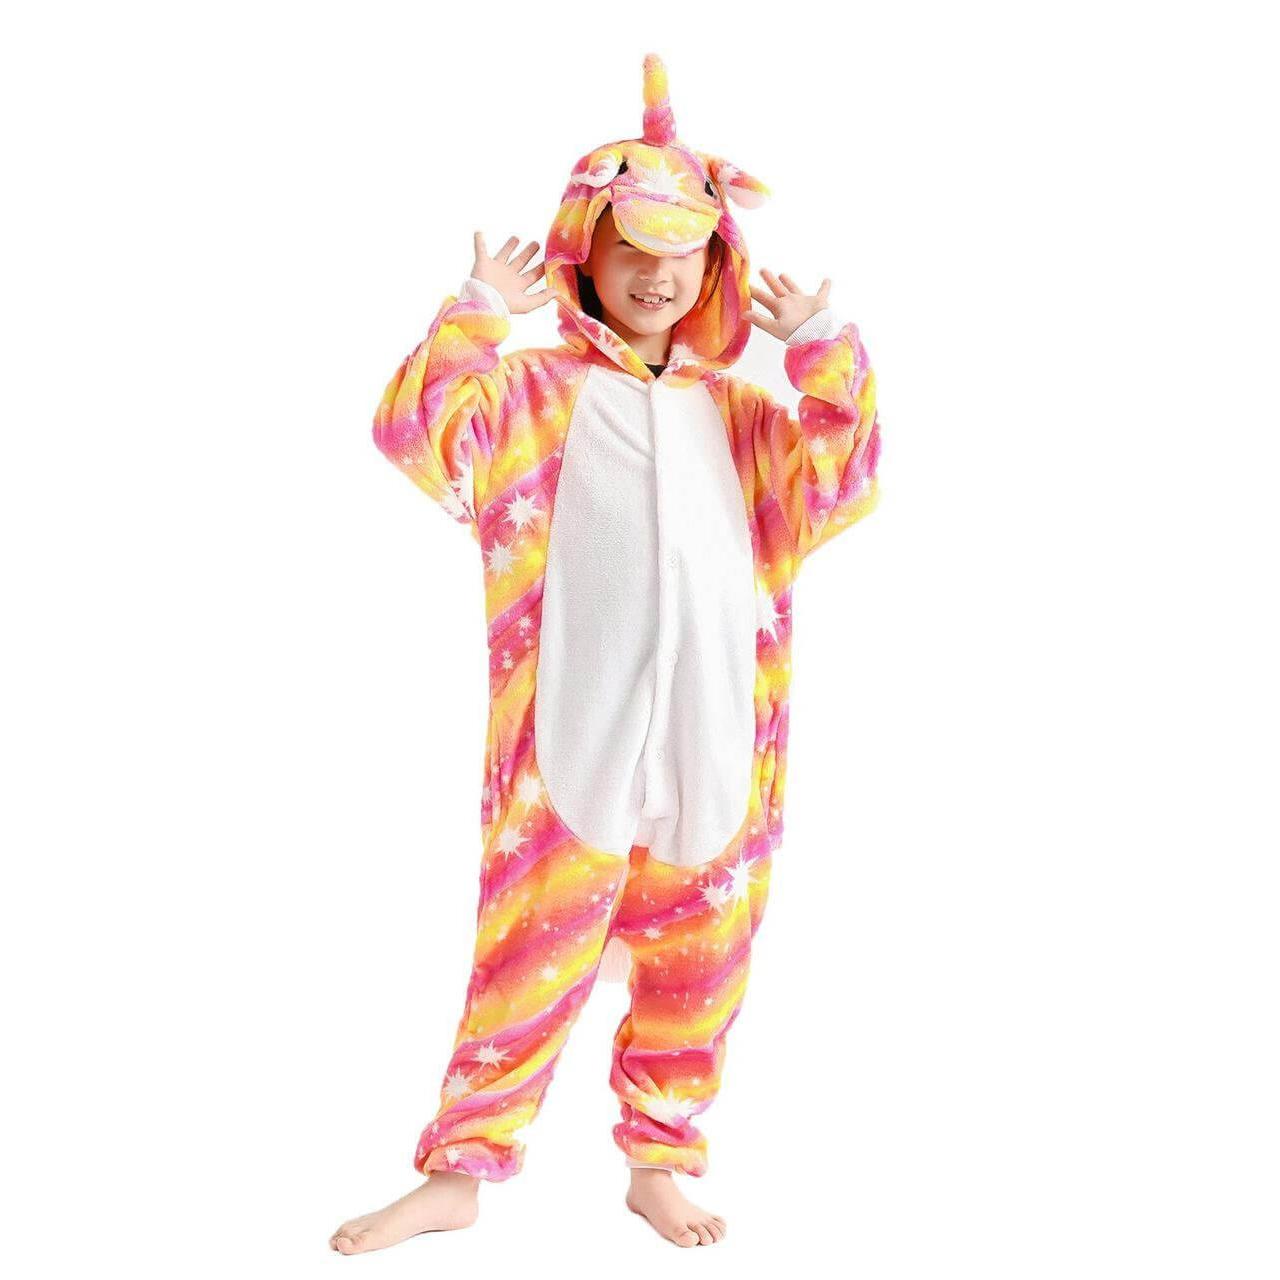 Пижамы для детей Единорог Оранжевая ночь детский 671281423_w640_h640_kigurumi-edinorog-ognennyj.jpg